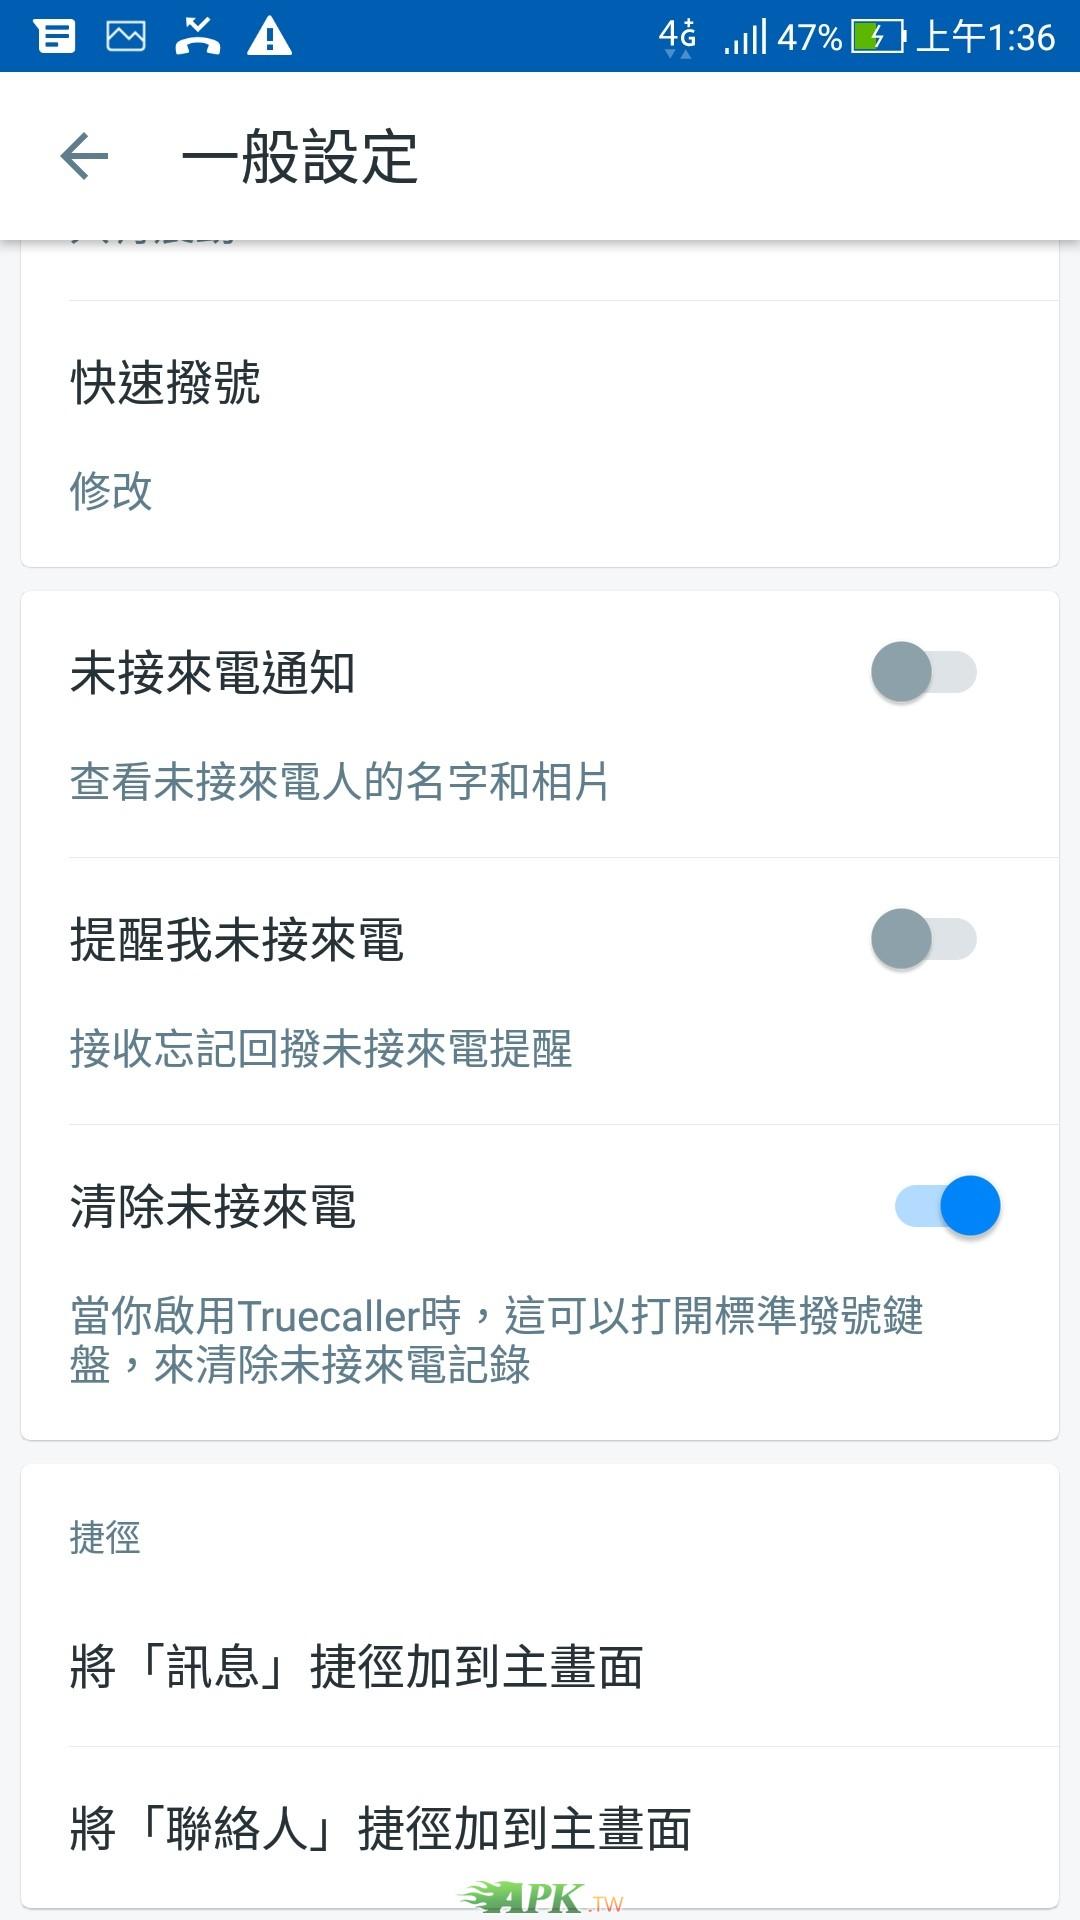 Screenshot_20181110-013607.jpg